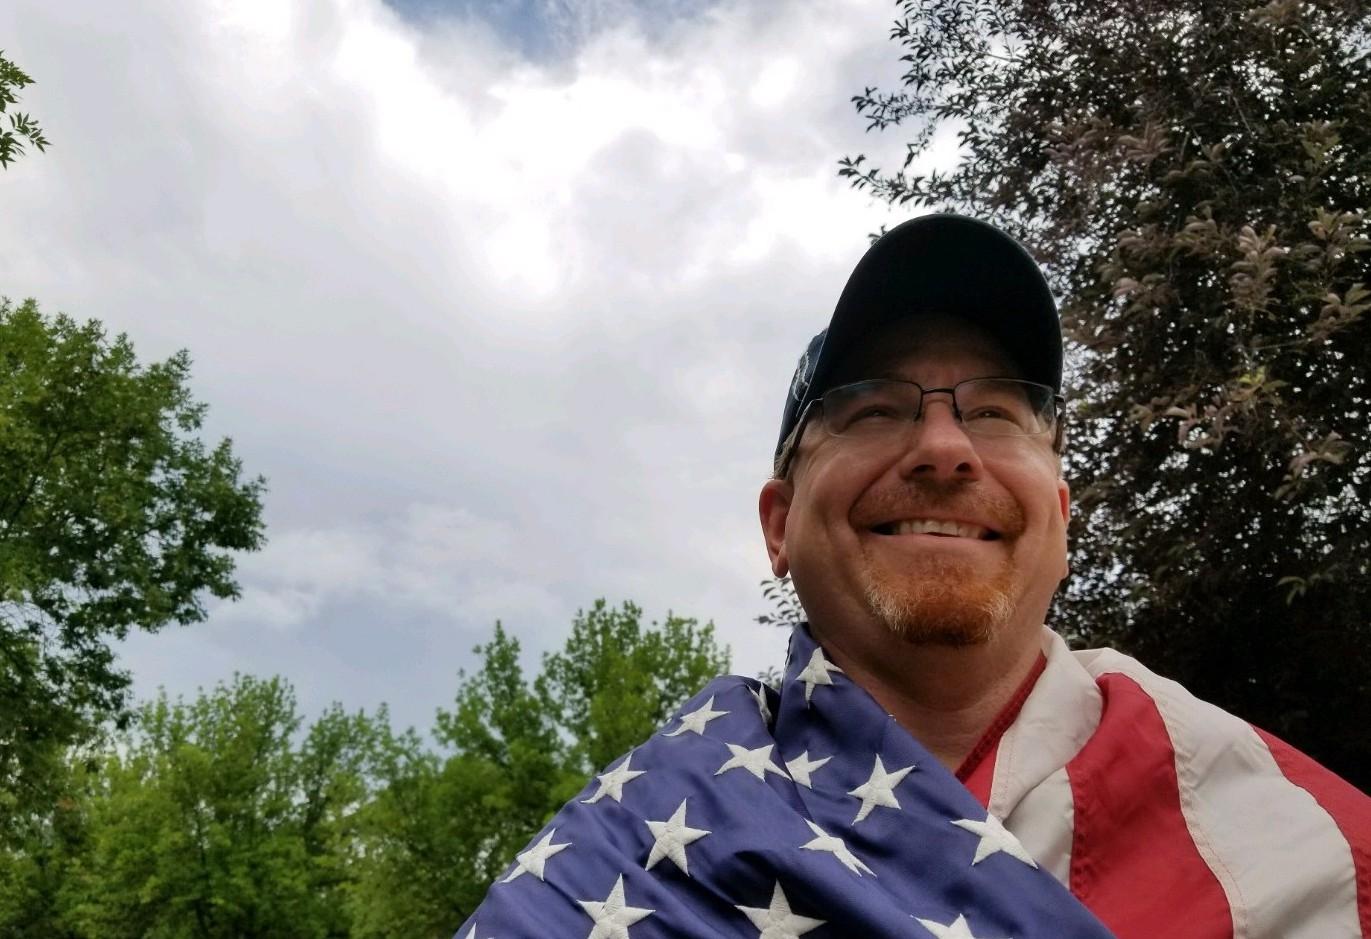 I Am a Patriotic American